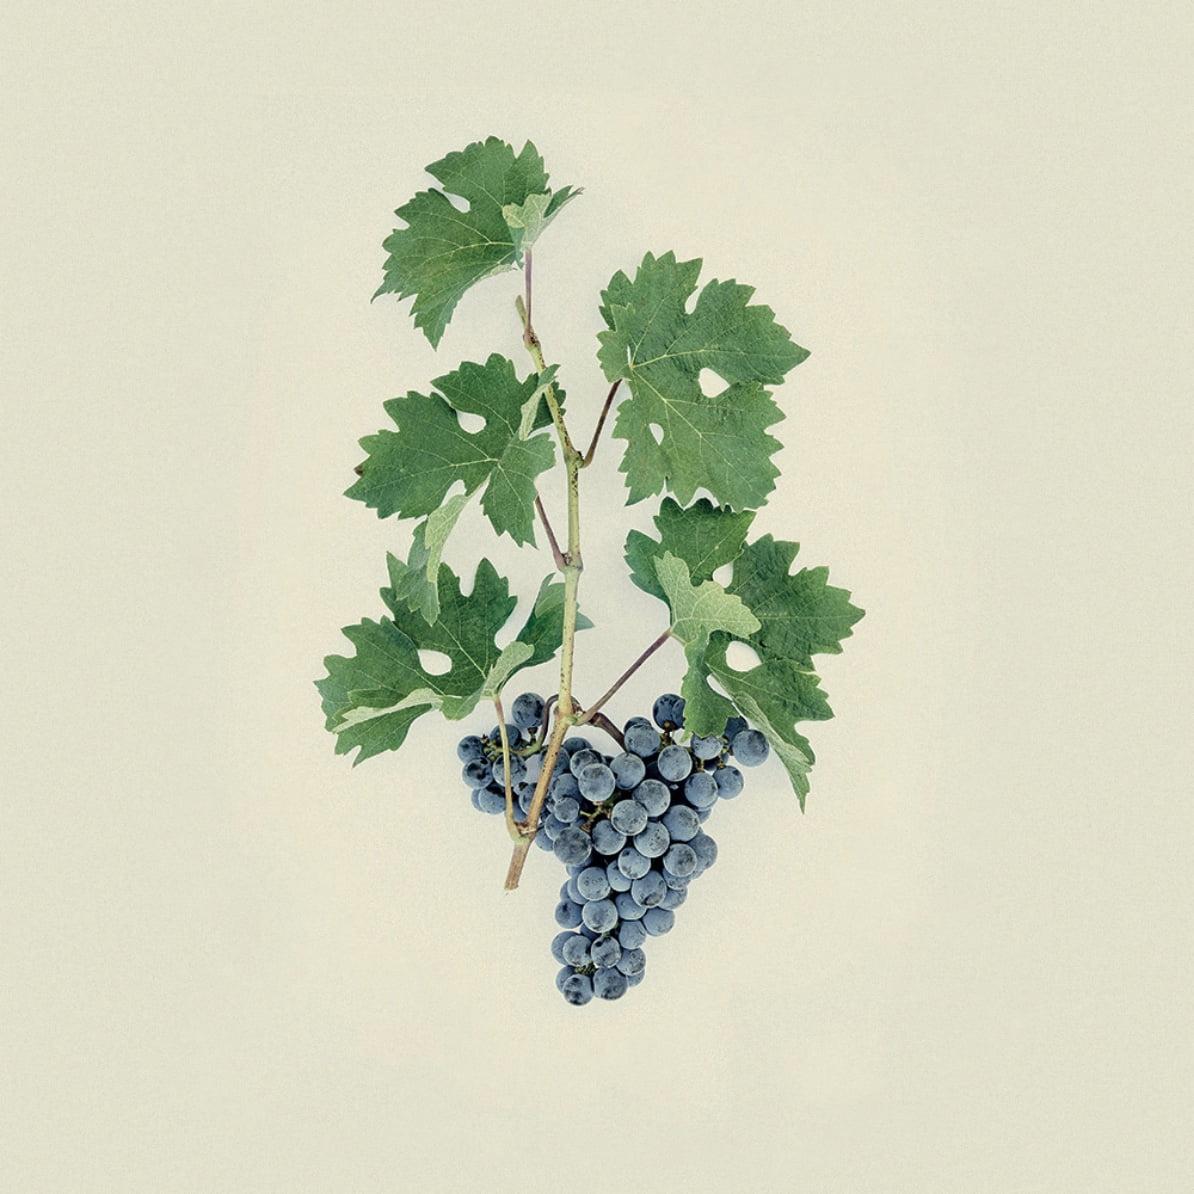 Médoc great wine de Bordeaux grape variety Cabernet Sauvignon